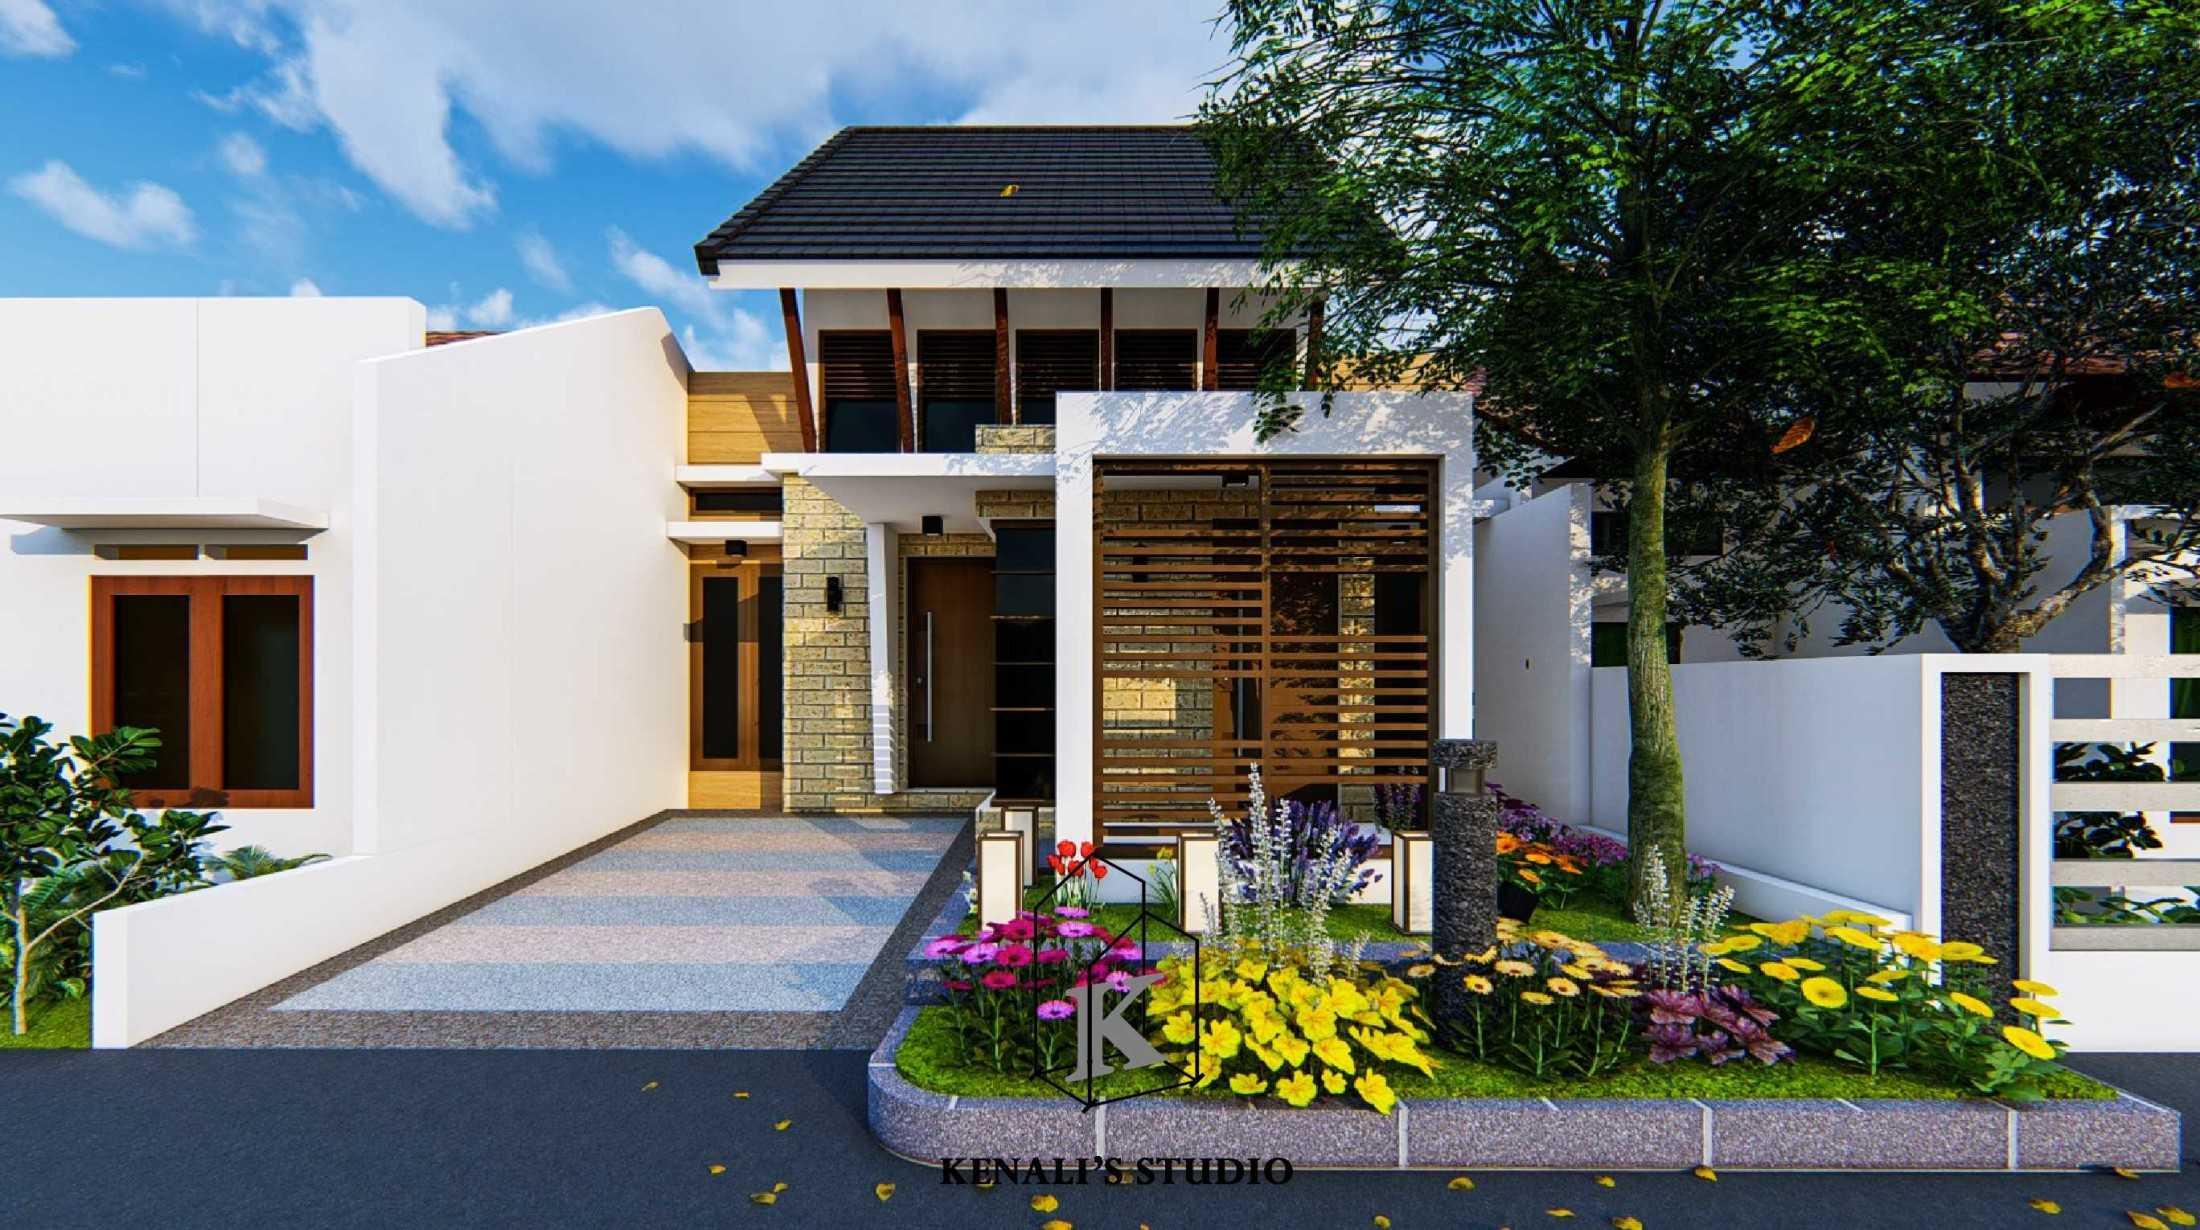 Kenali's Studio di Banjarmasin